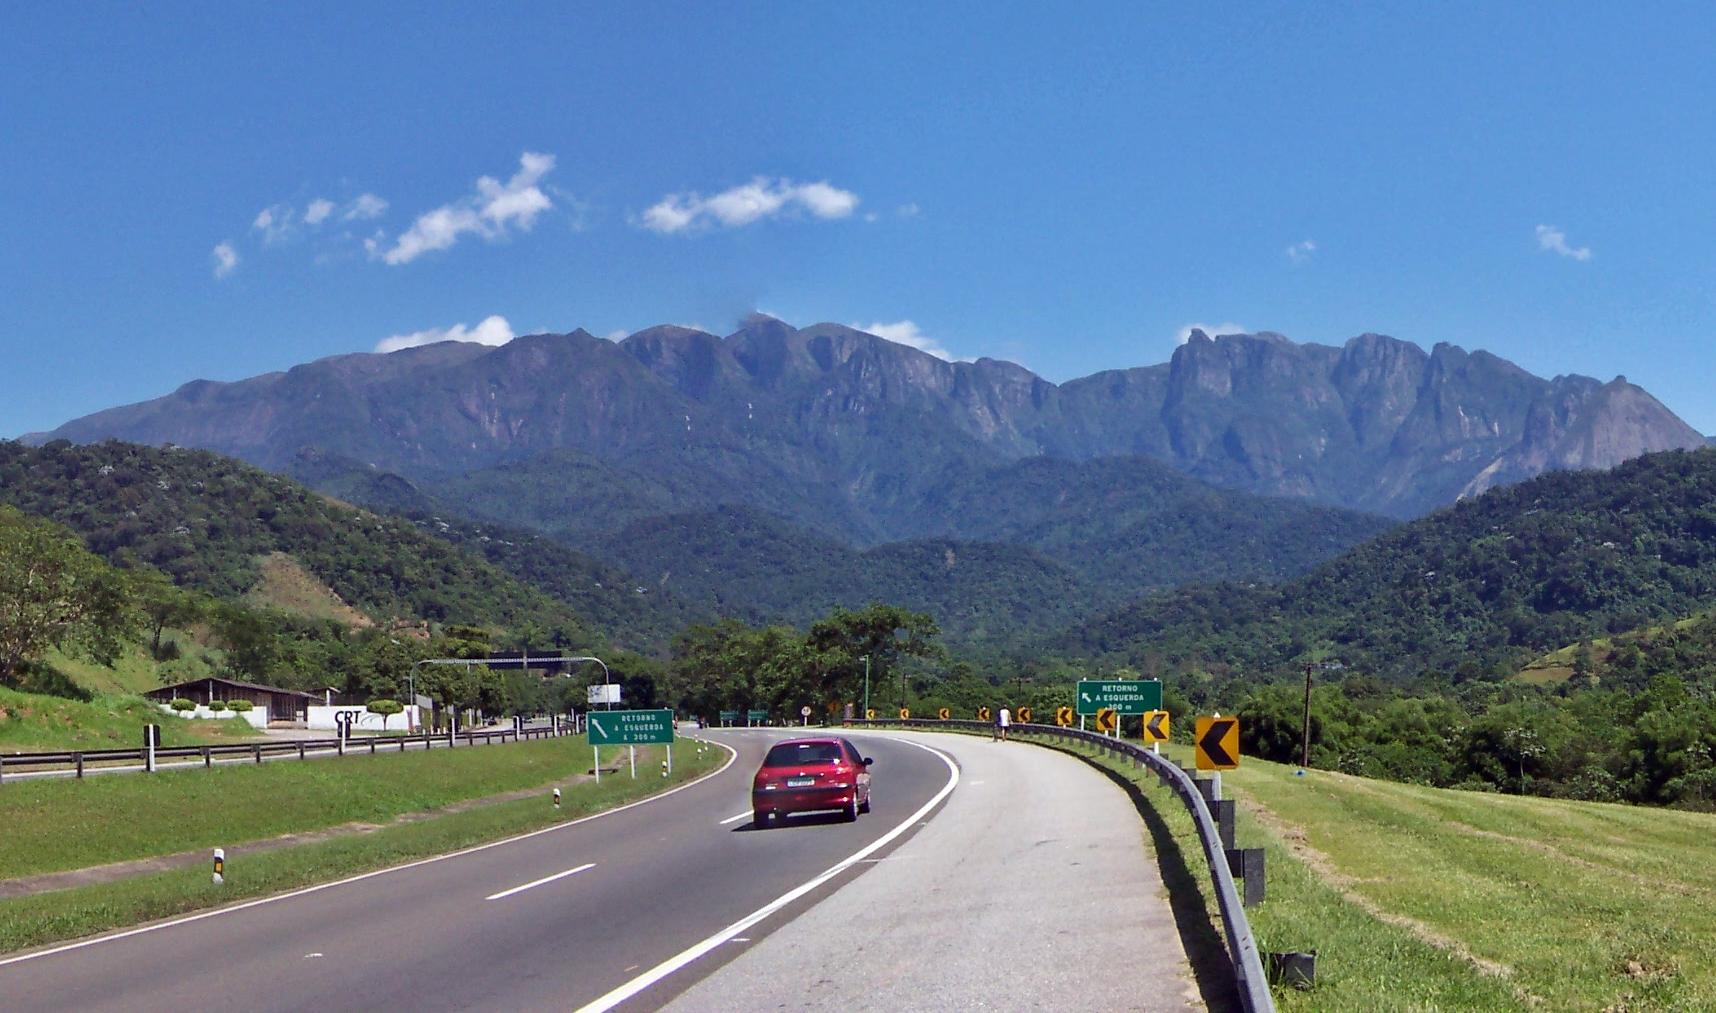 Uma road trip que proporciona 11 dias fantásticos entre Brasil, Uruguai e Argentina